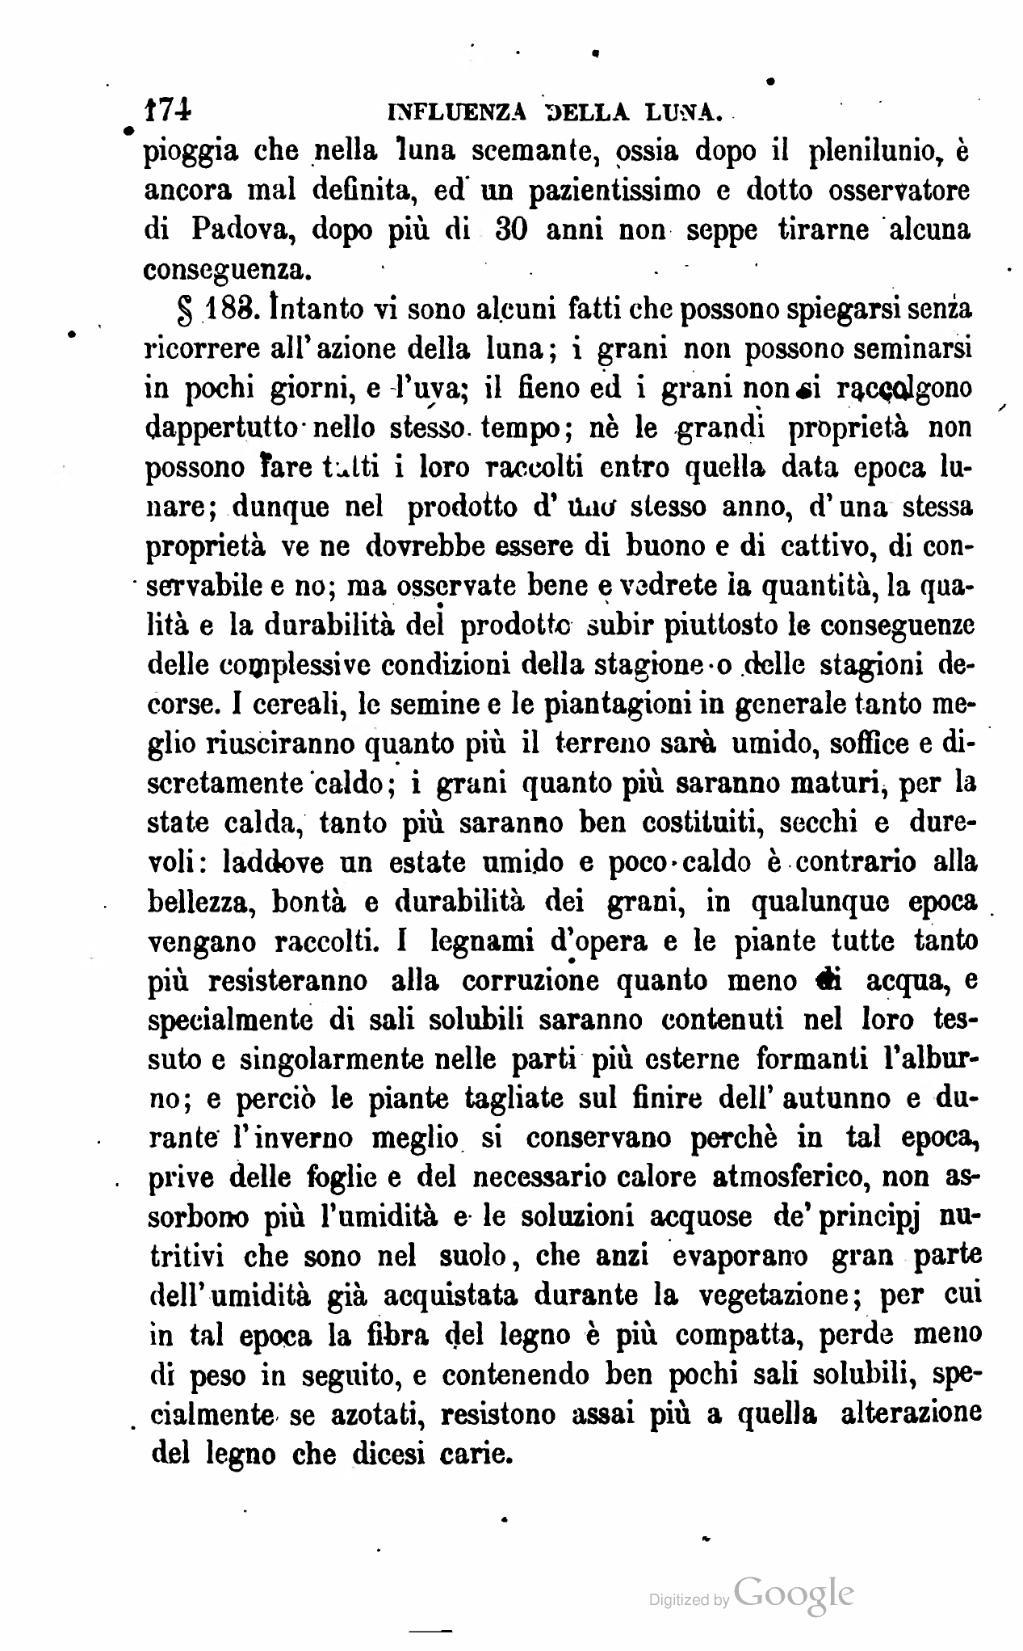 Le Fibre Del Legno pagina:cantoni - trattato completo di agricoltura, 1855, i